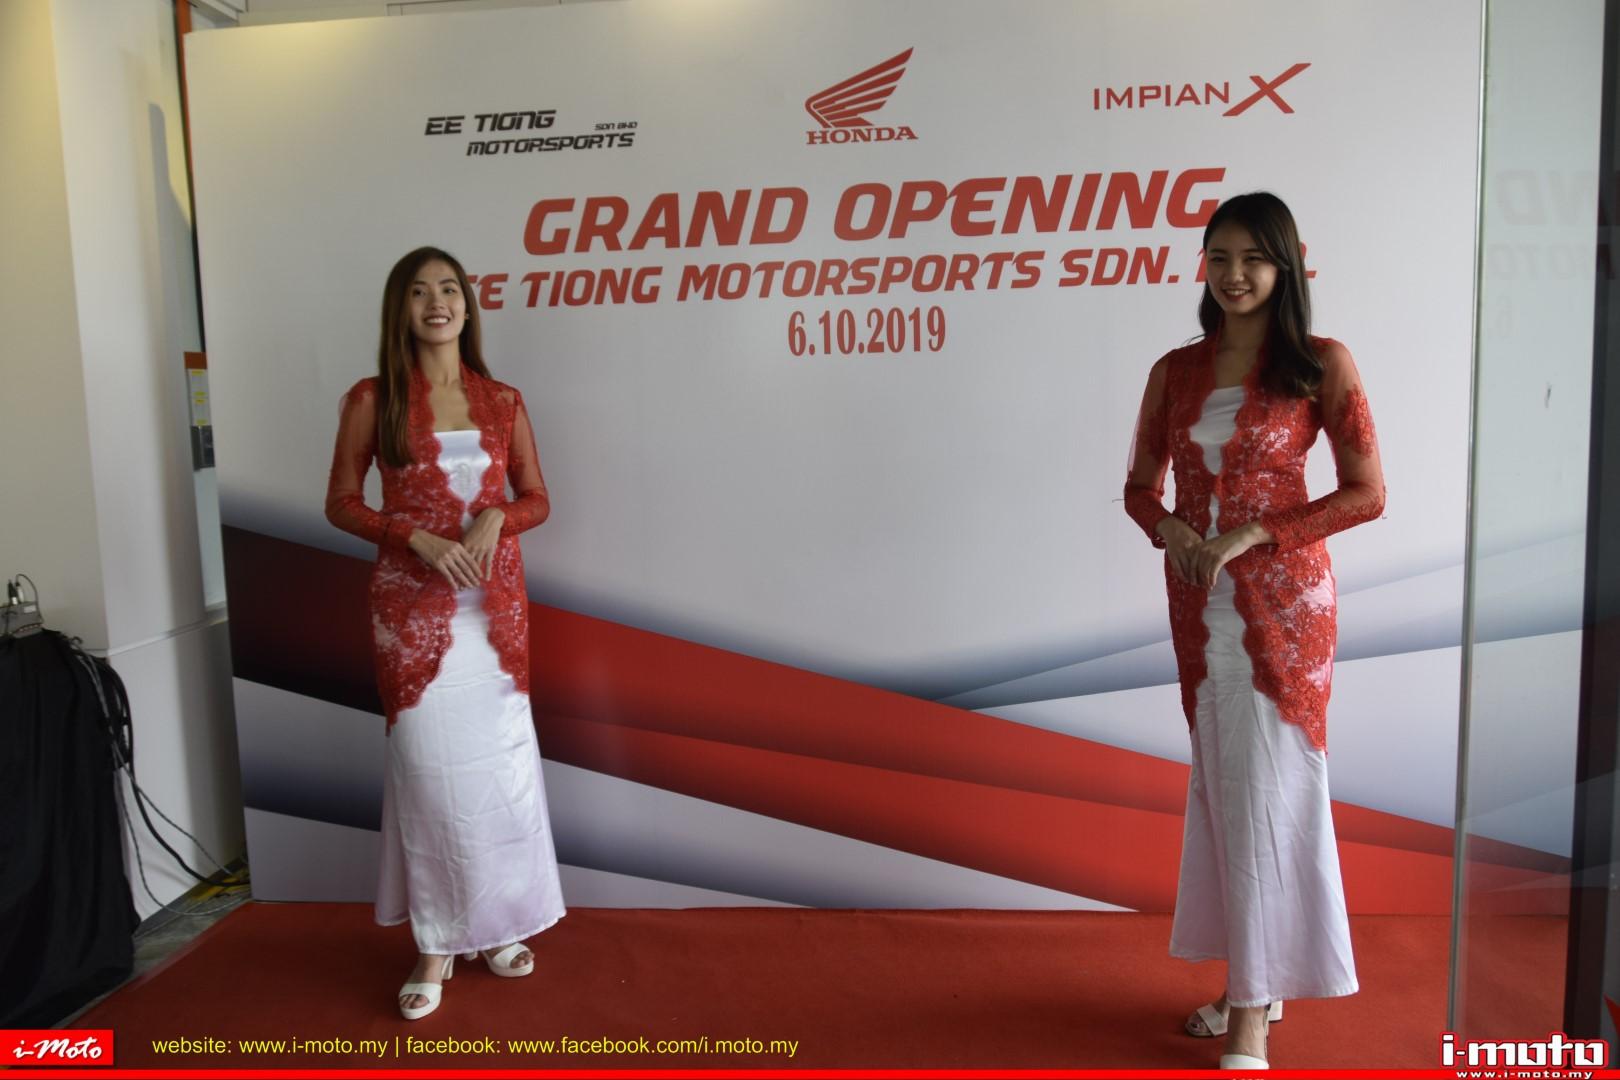 PERFECT 10, HONDA OFFICIALLY OPENS 10TH IMPIAN X IN SETAPAK, KUALA LUMPUR!